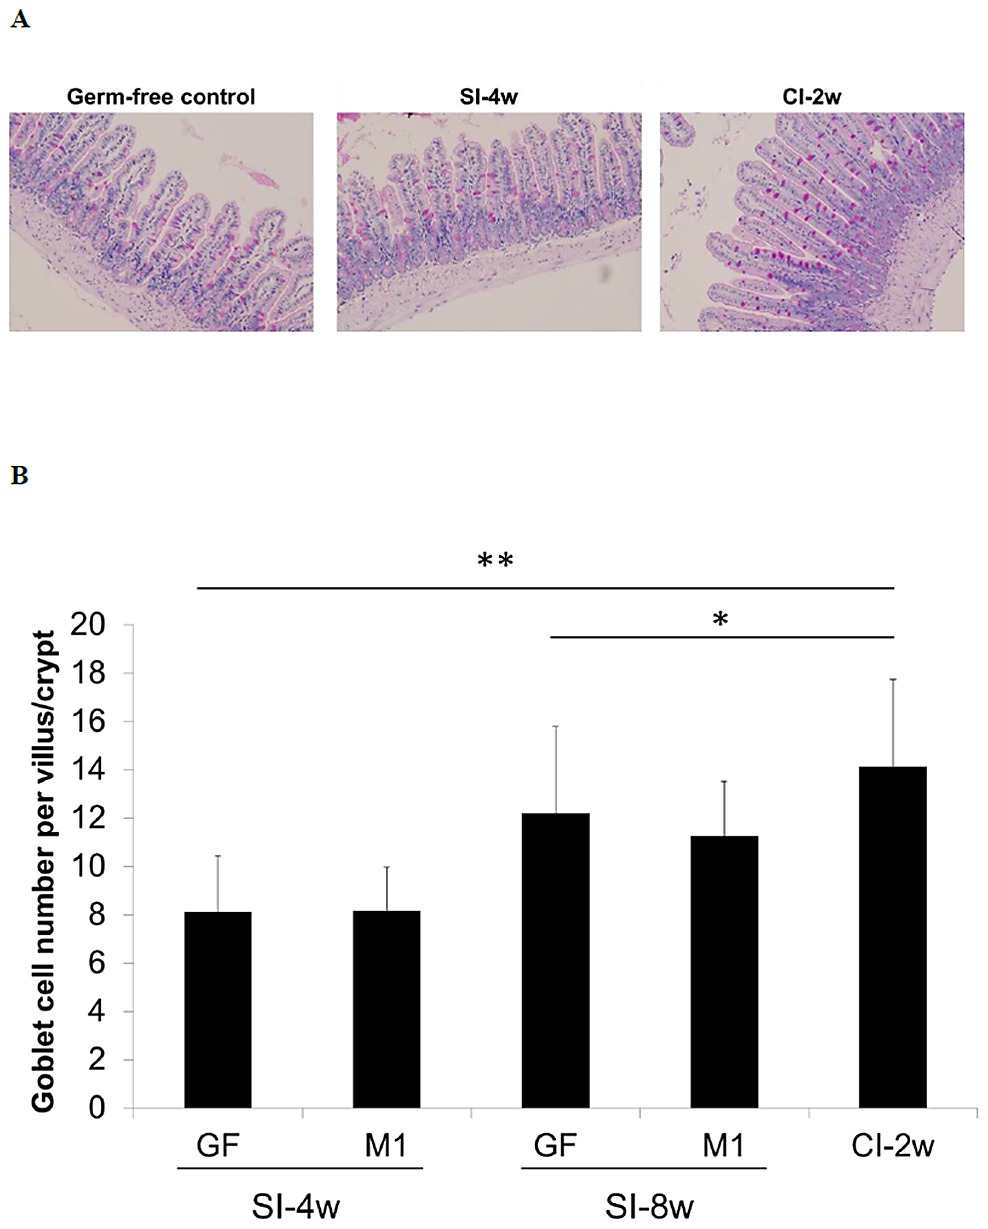 Lactobacillus Kefiranofaciens M1 M1 Increases Length Of Crypt